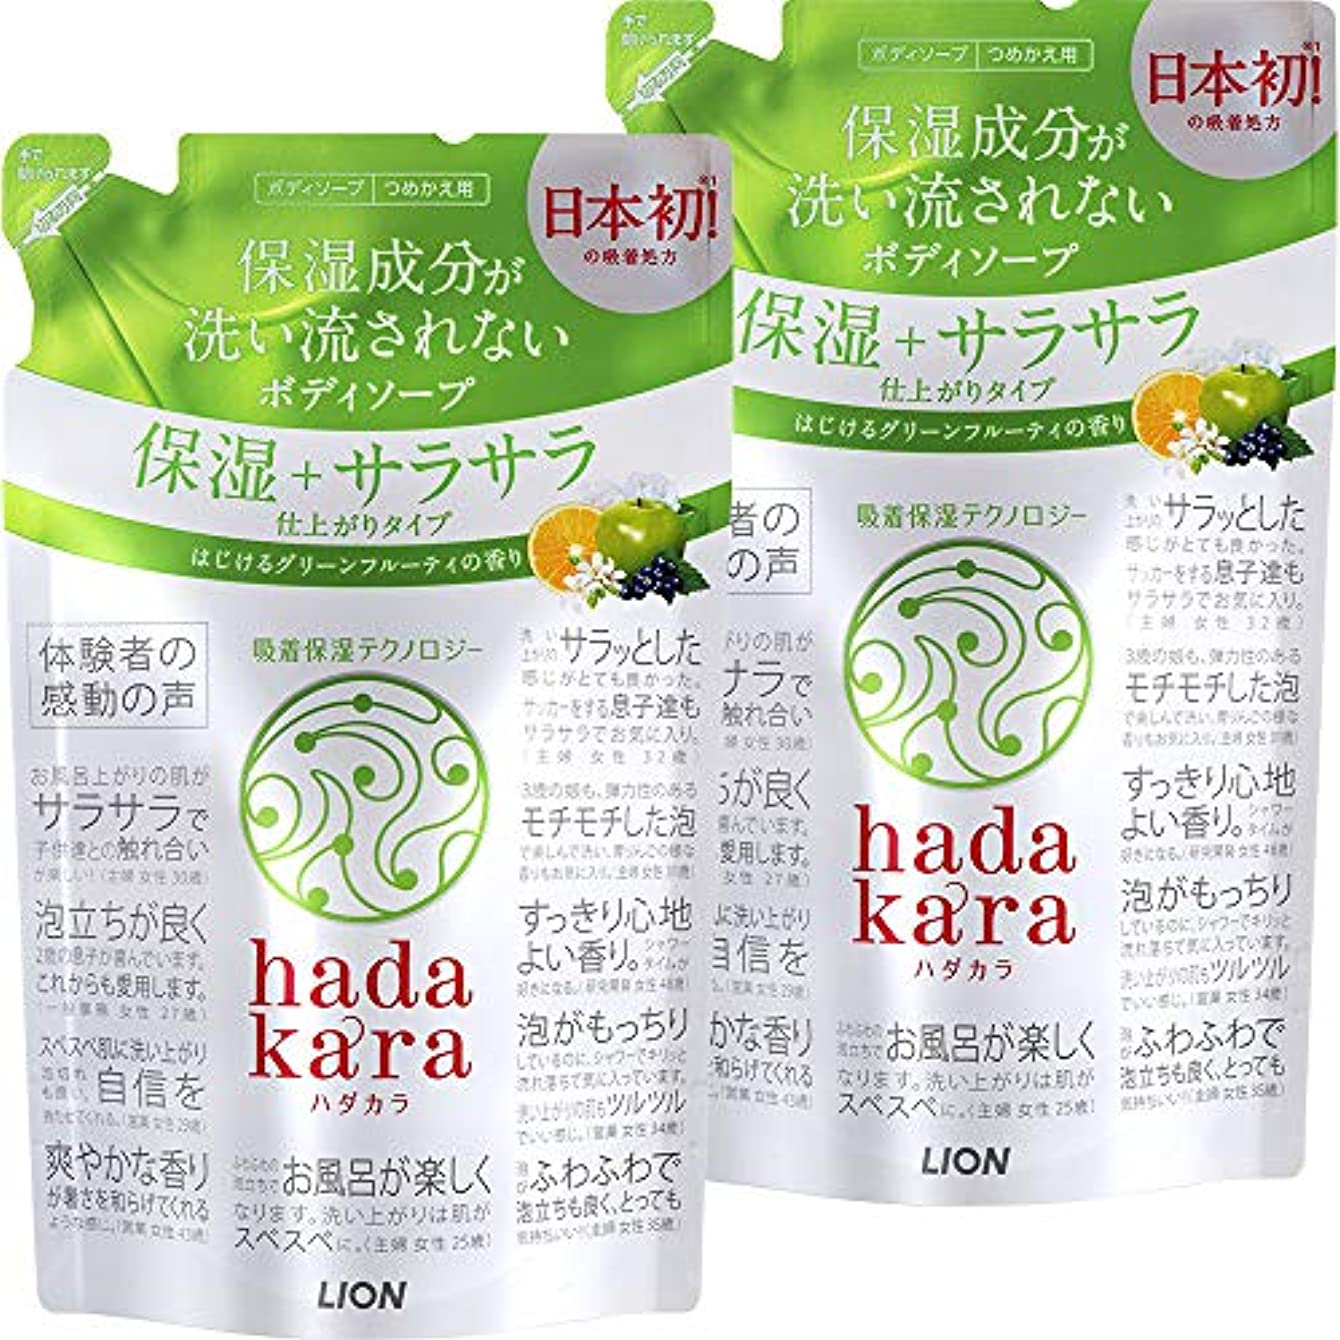 騒々しい望みシエスタ【まとめ買い】hadakara(ハダカラ) ボディソープ 保湿+サラサラ仕上がりタイプ グリーンフルーティの香り 詰め替え 340ml×2個パック